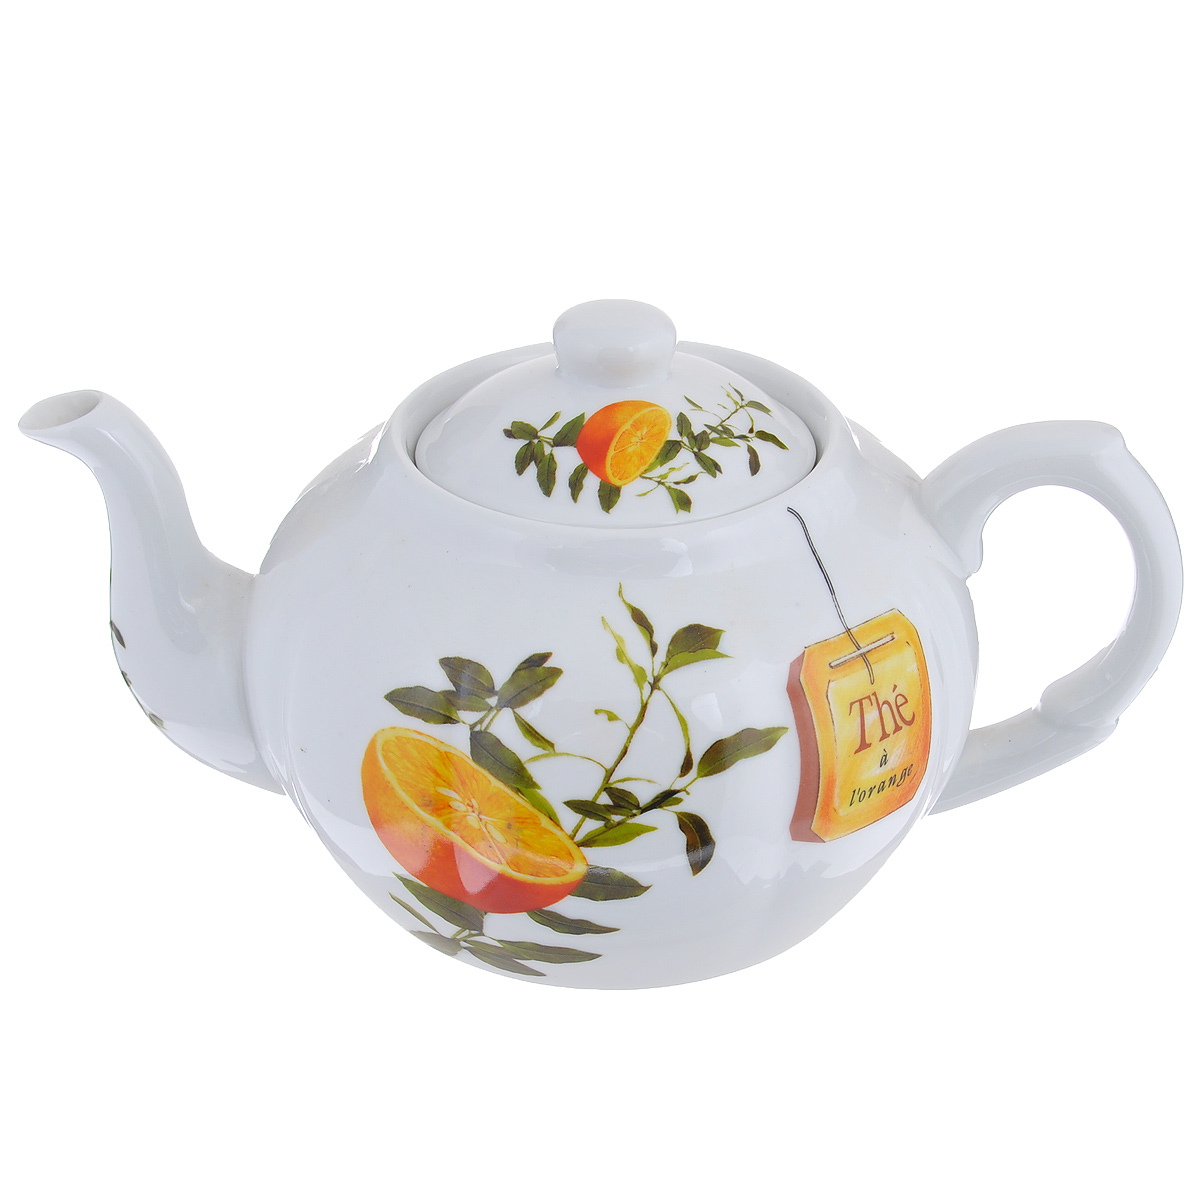 Чайник заварочный Larange Апельсин, 1 лTR-2304Чайник Larange Апельсин выполнен из высококачественного фарфора. Чайник декорирован изображением апельсинов. Чайник Larange Апельсин предназначен для заваривания чая. Элегантный дизайн и совершенные формы чайника привлекут к себе внимание и украсят интерьер вашей кухни.Чайник Larange Апельсин будет не только прекрасным украшением вашего стола, но и отличным подарком к любому празднику. Не использовать в микроволновой печи. Не применять абразивные чистящие вещества. Диаметр чайника по верхнему краю: 8,5 см. Высота чайника: 9,5 см. Диаметр дна чайника: 9 см.Длина чайника (с учетом ручки и носика): 23 см.